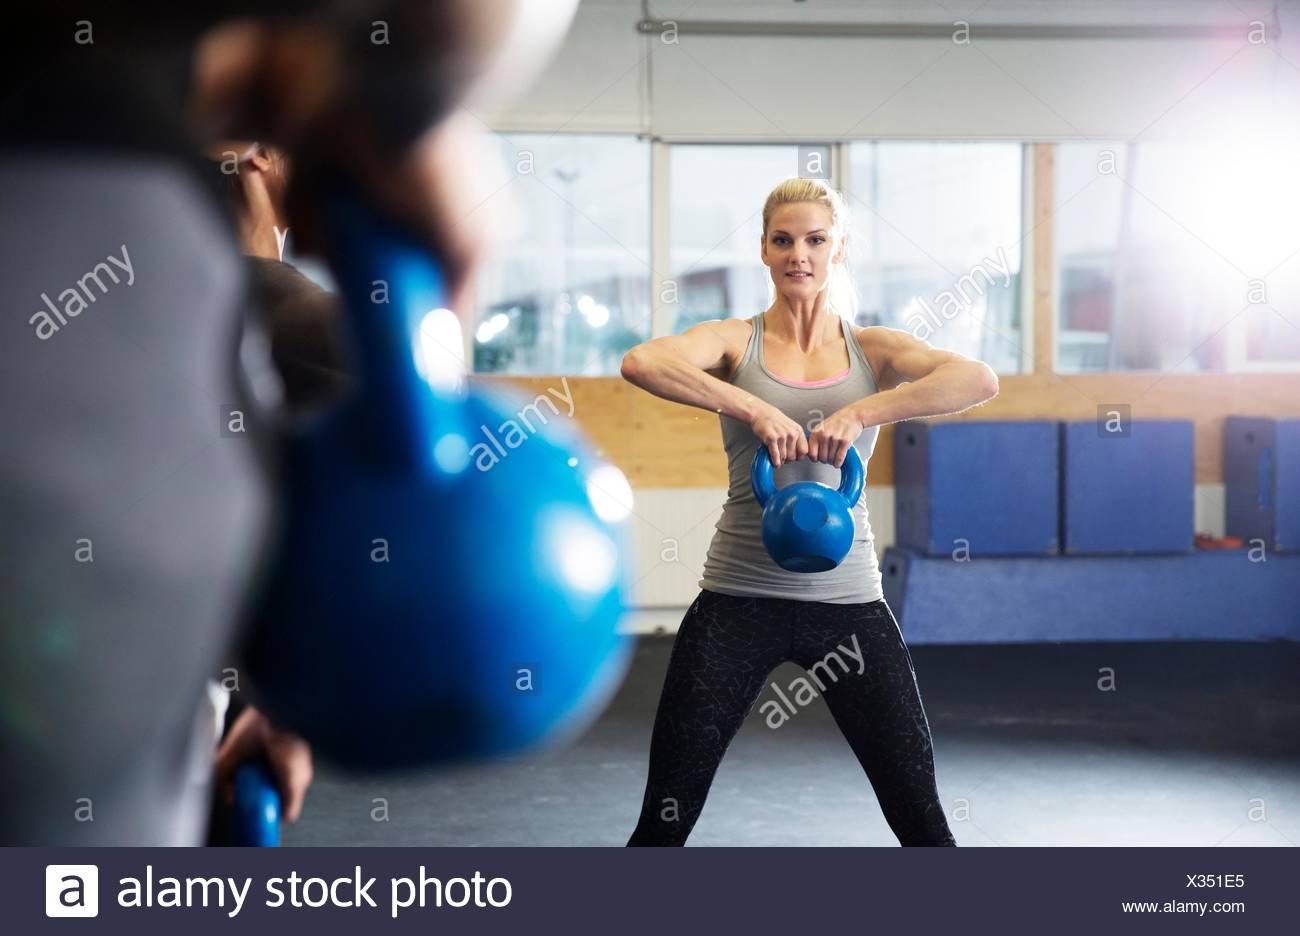 Les hommes et les femmes qui suivent une formation dans une salle de sport avec kettlebells Photo Stock